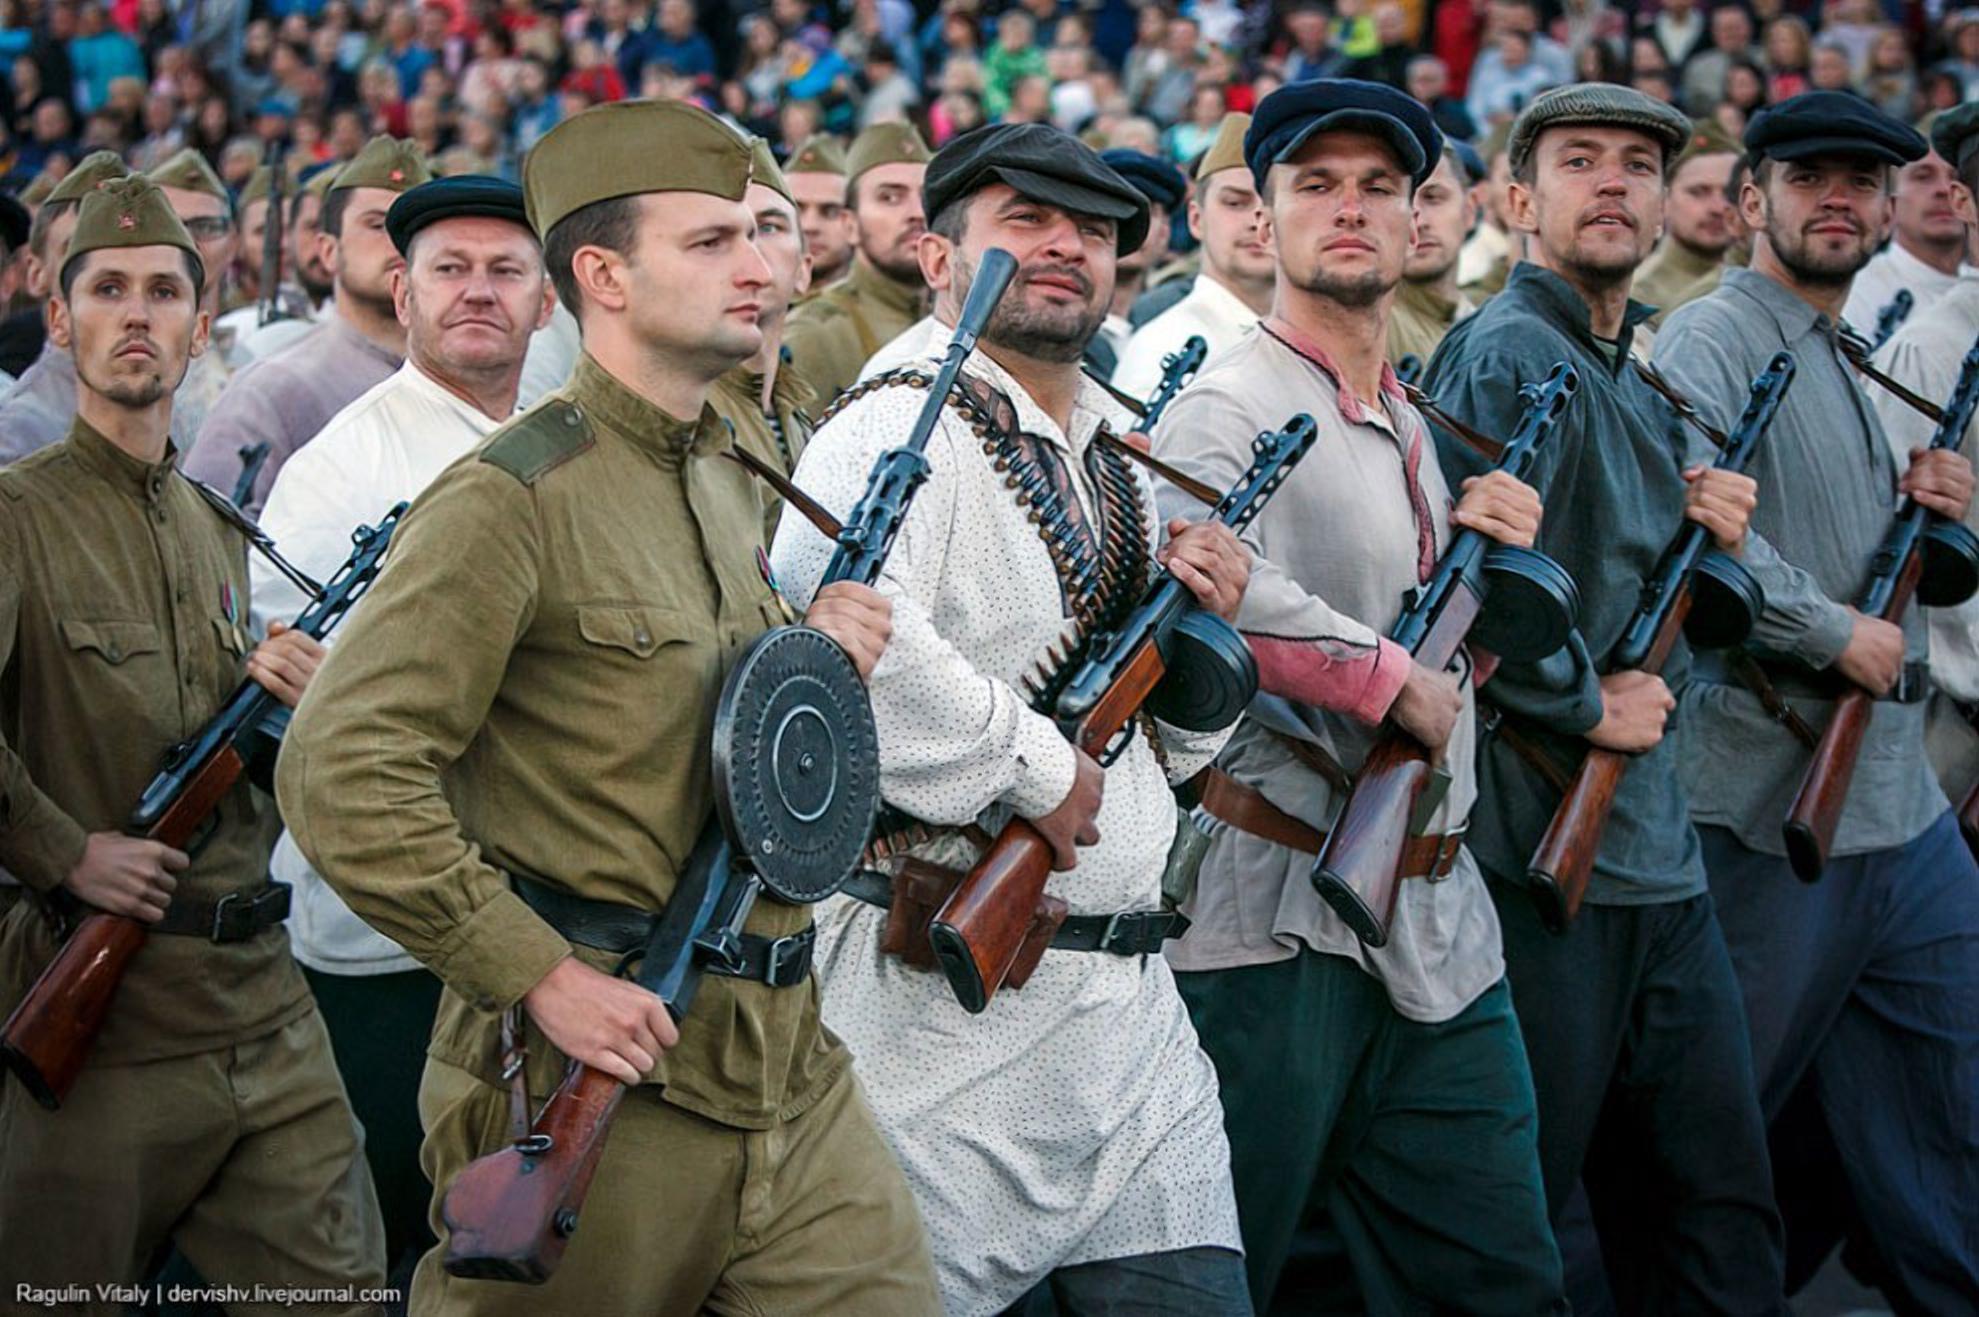 Внуки и правнуки белорусских партизан, возможно со своим оружием